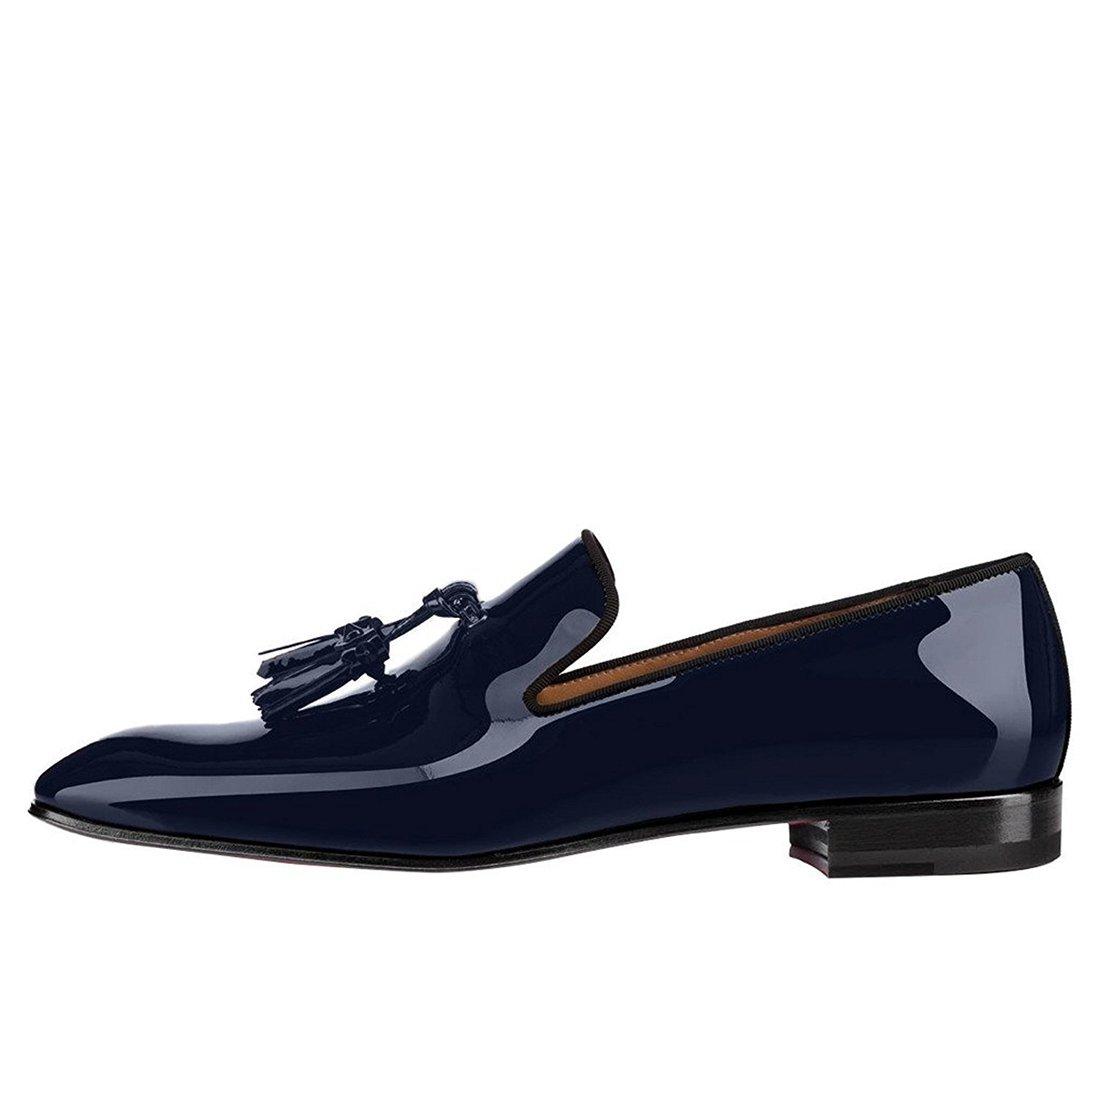 Cuckoo Schwarz Lackleder Kleid Schuhe Schwarz Cuckoo Müßiggänger mit Quasten Blau 91ead6